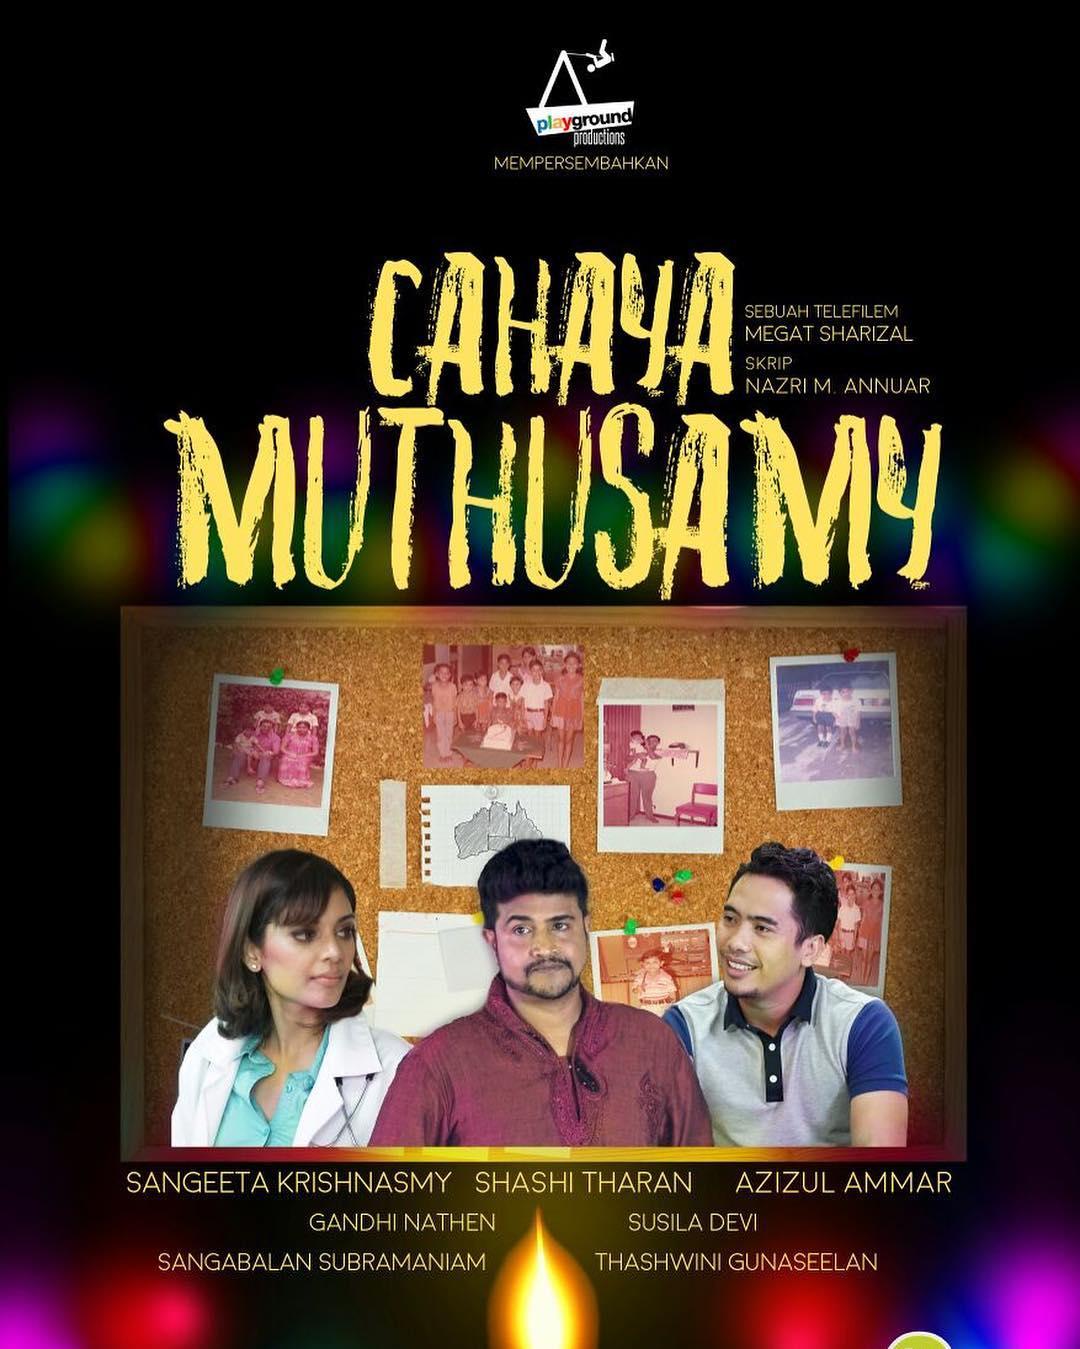 Cahaya Muthusamy